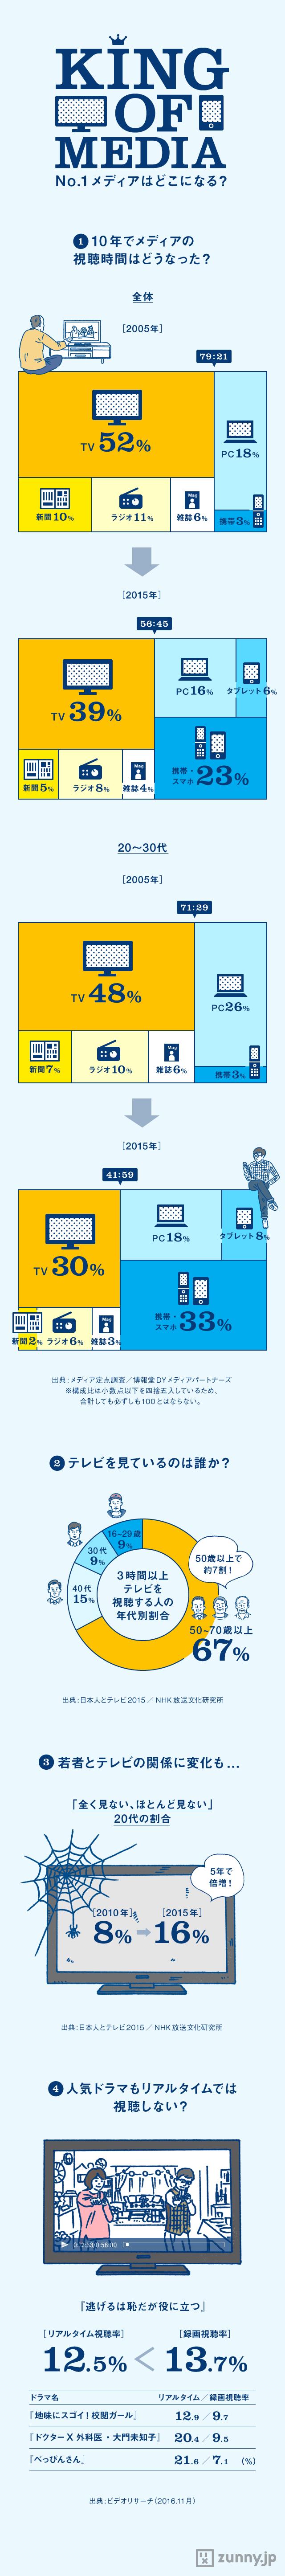 テレビの視聴割合